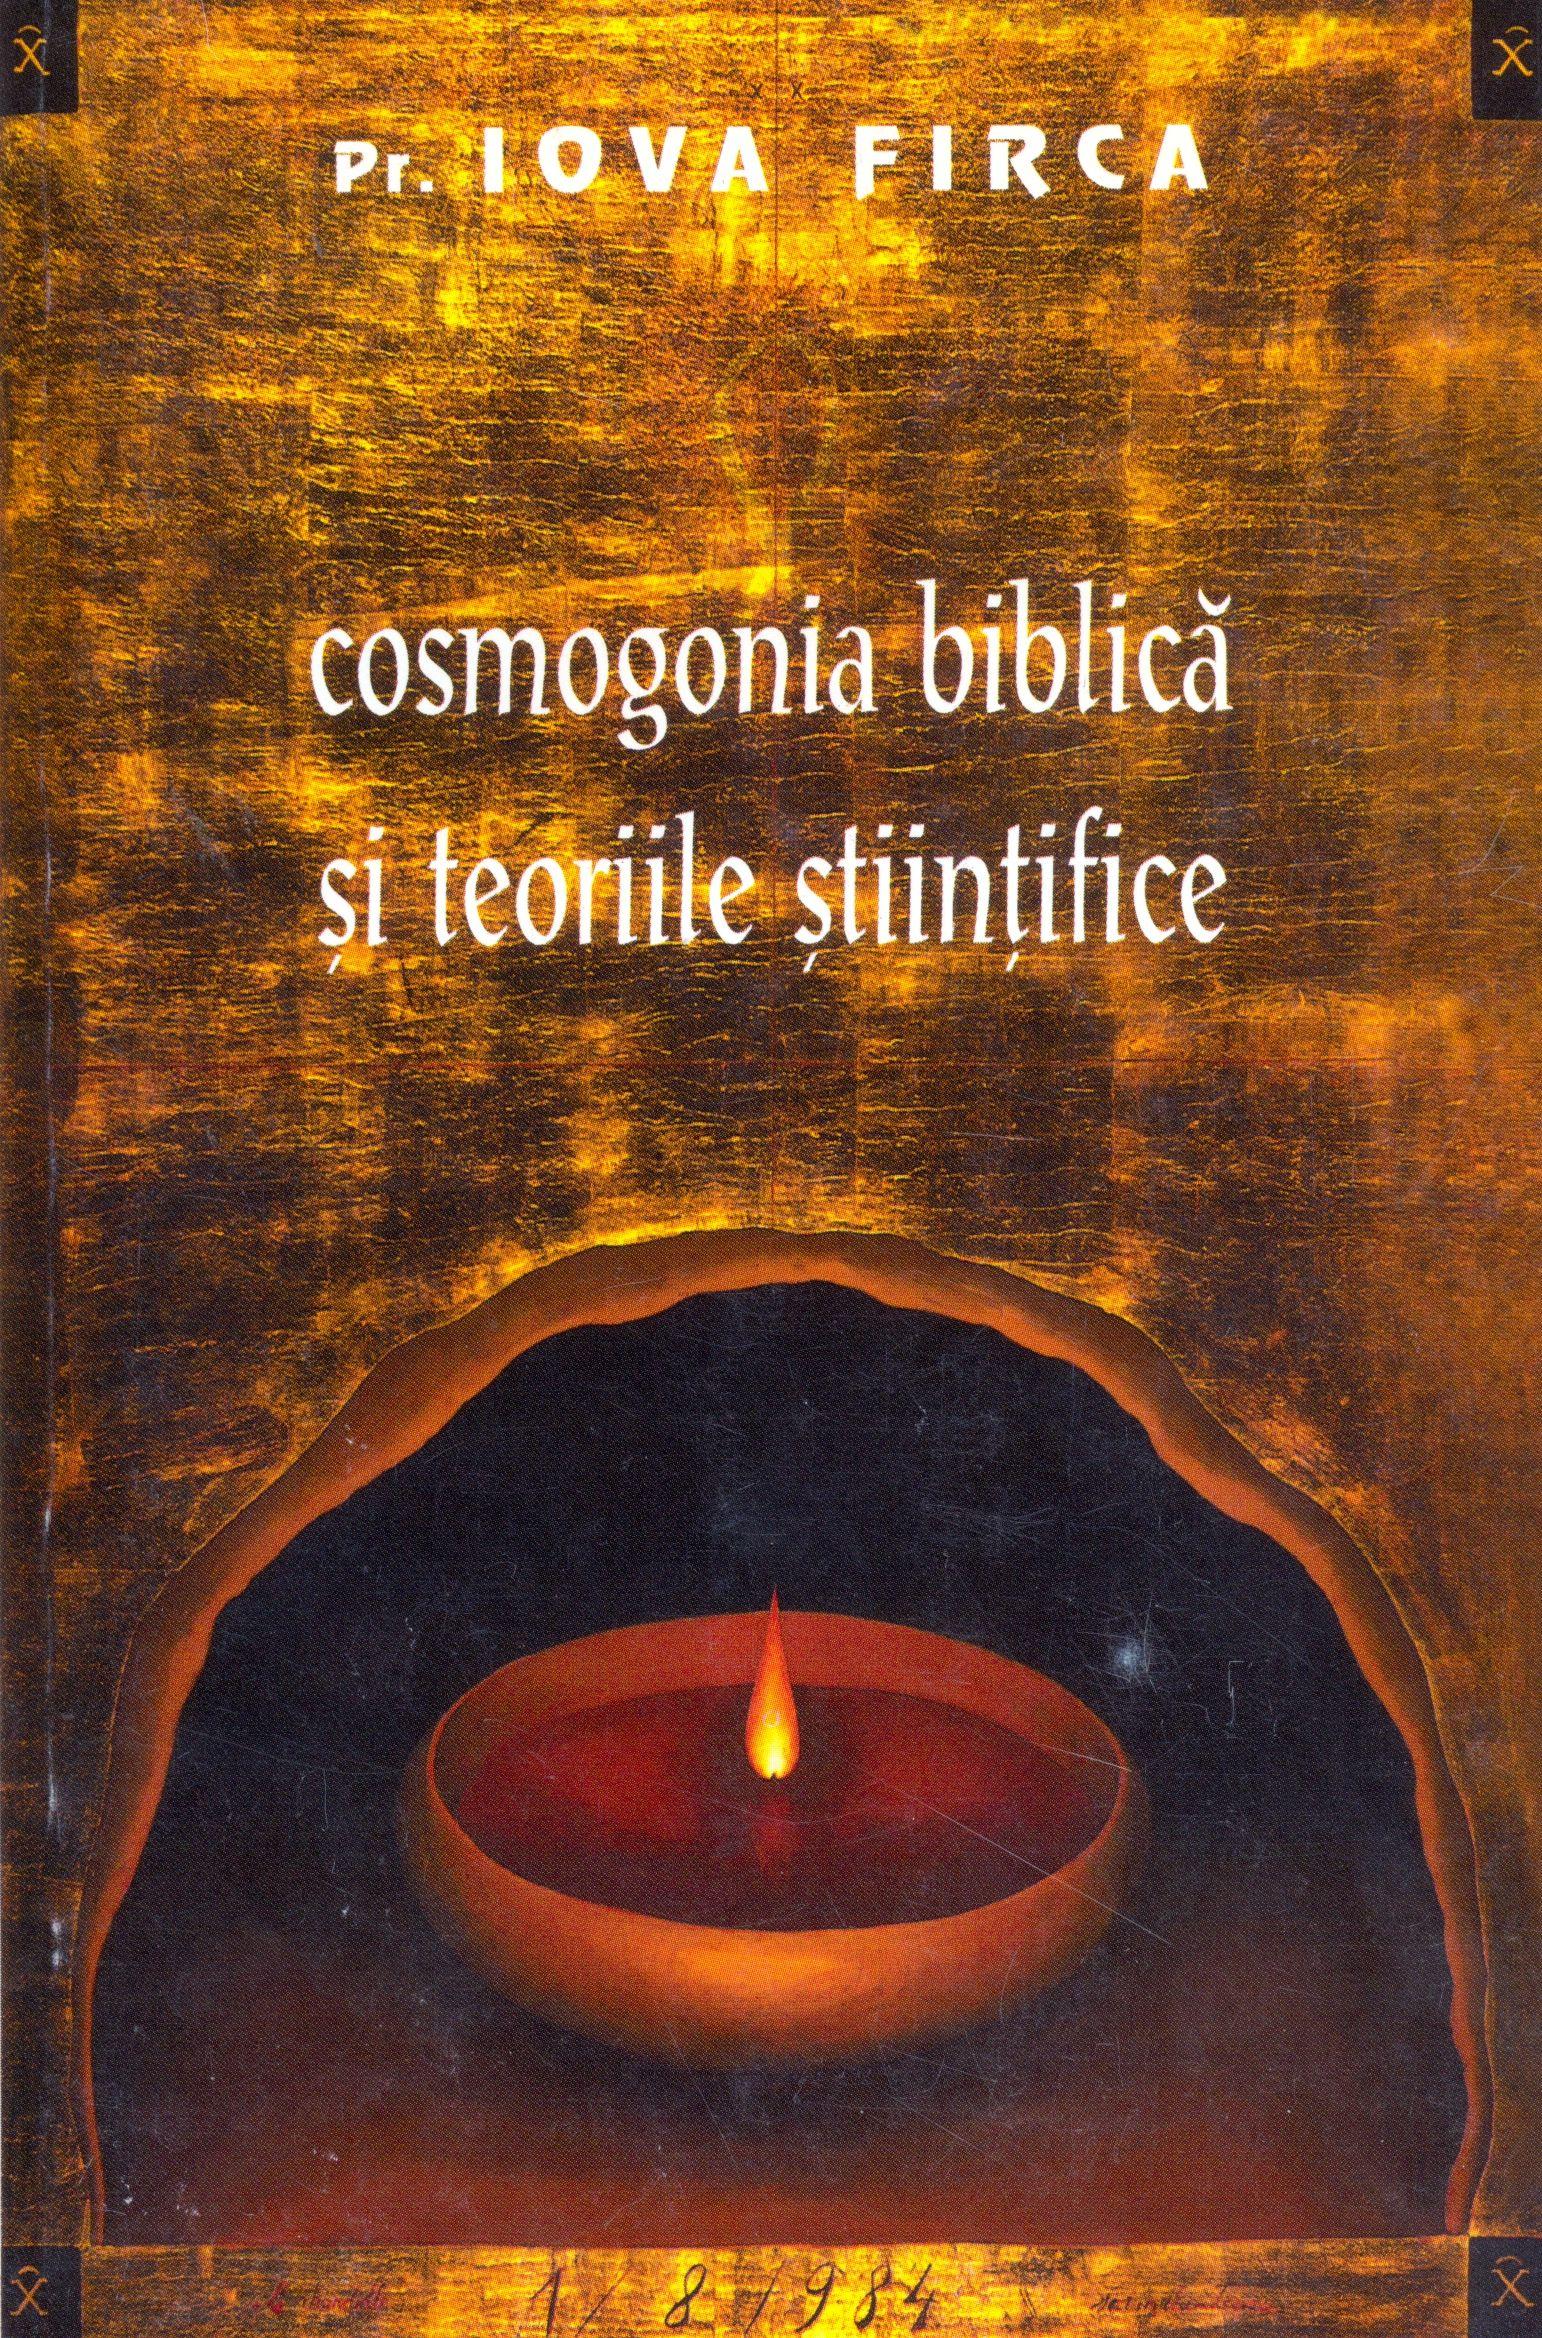 Cosmogonia biblica si teoriile stiintifice